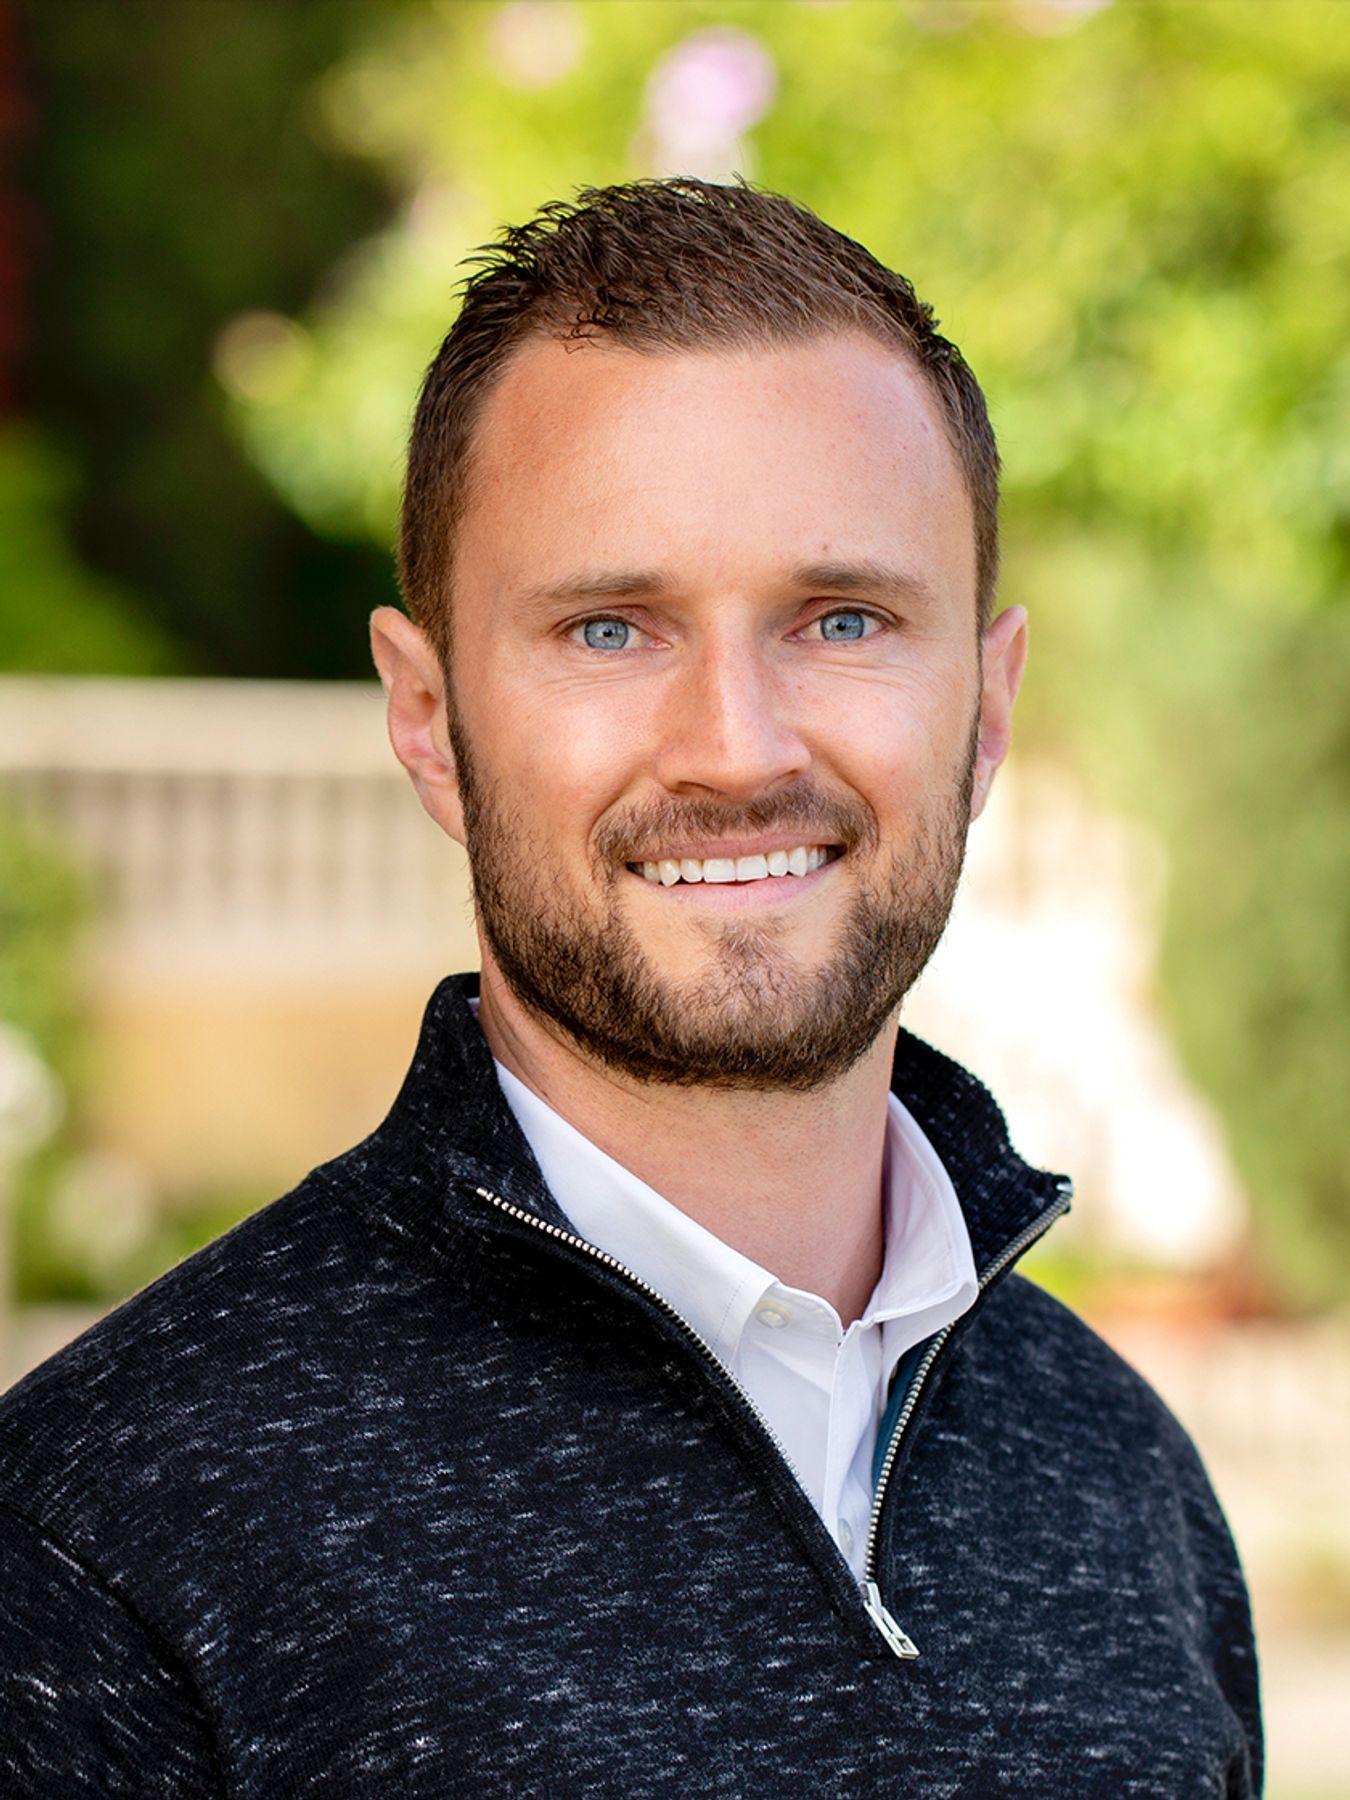 Dustin J Baker